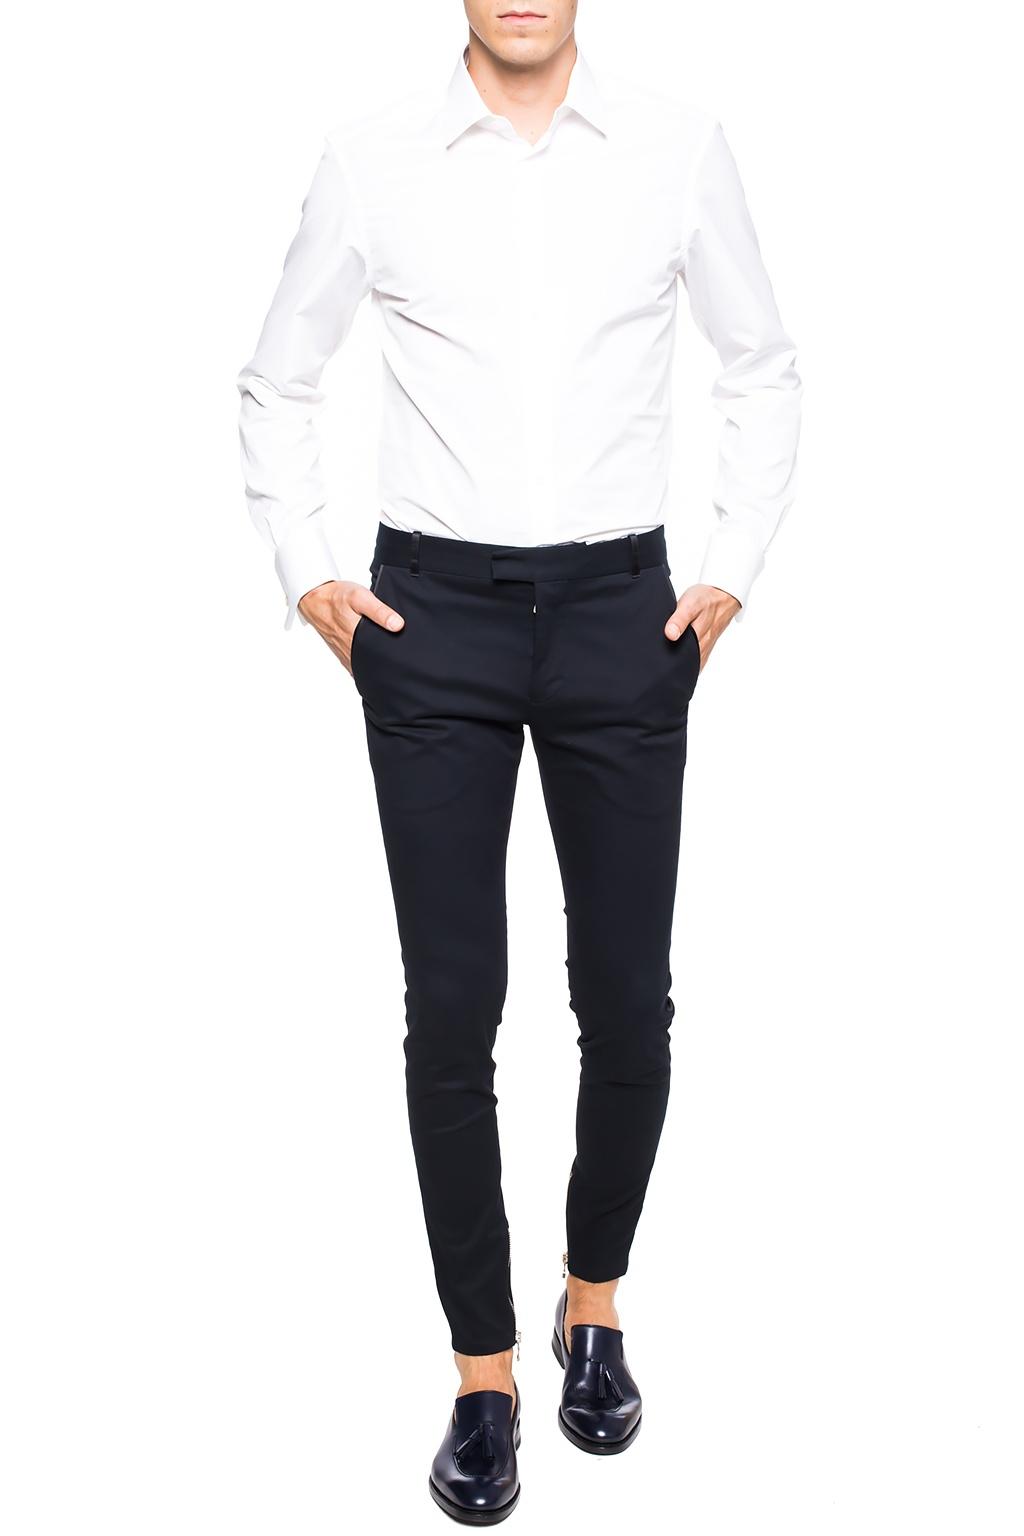 Salvatore Ferragamo Cuff link shirt